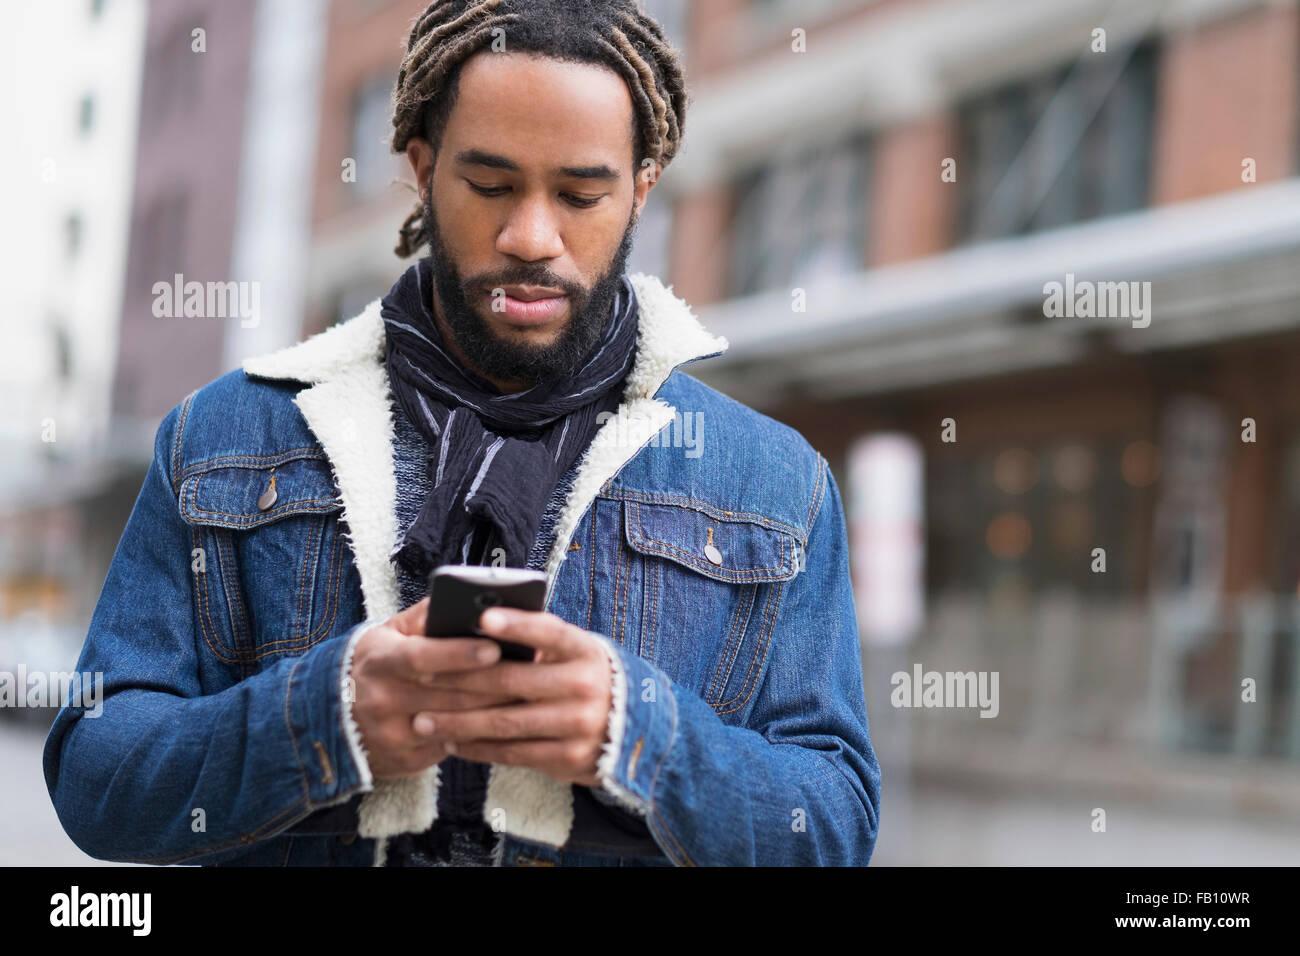 Ernster Mann mit Dreadlocks mit Smartphone in der Straße Stockbild